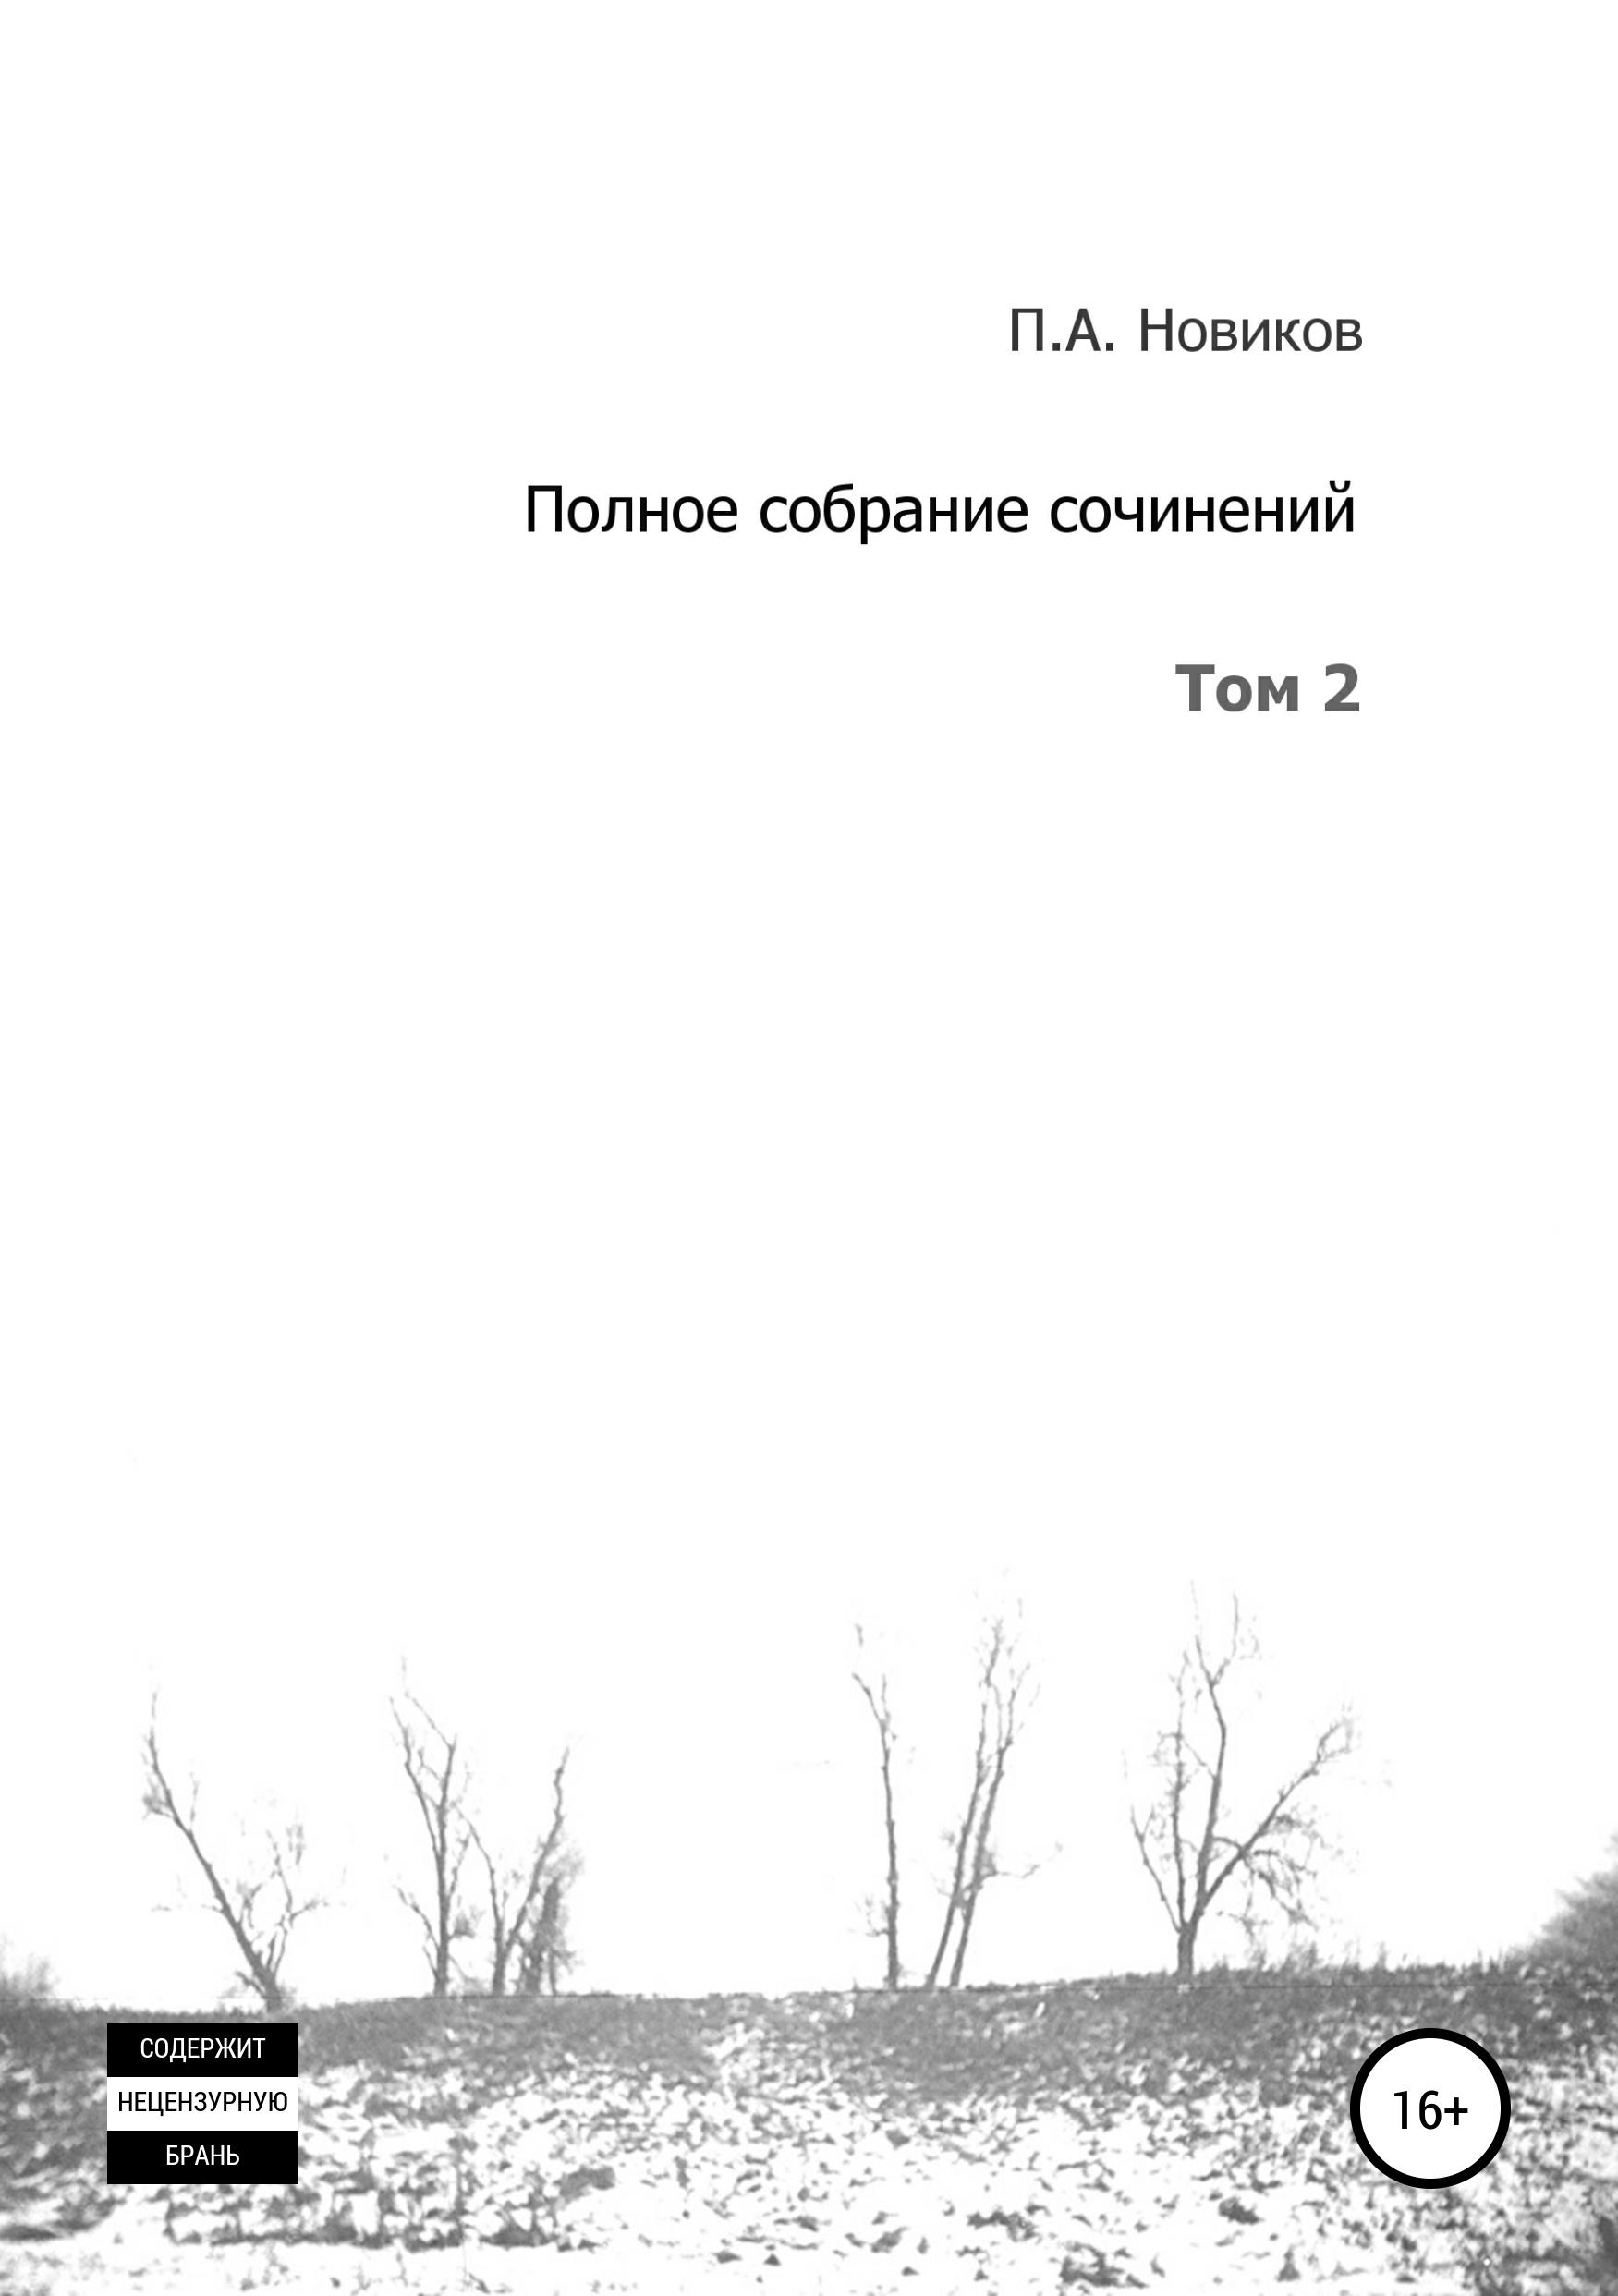 Павел Александрович Новиков Полное собрание сочинений. Том 2 александр и новиков проза 2017 год